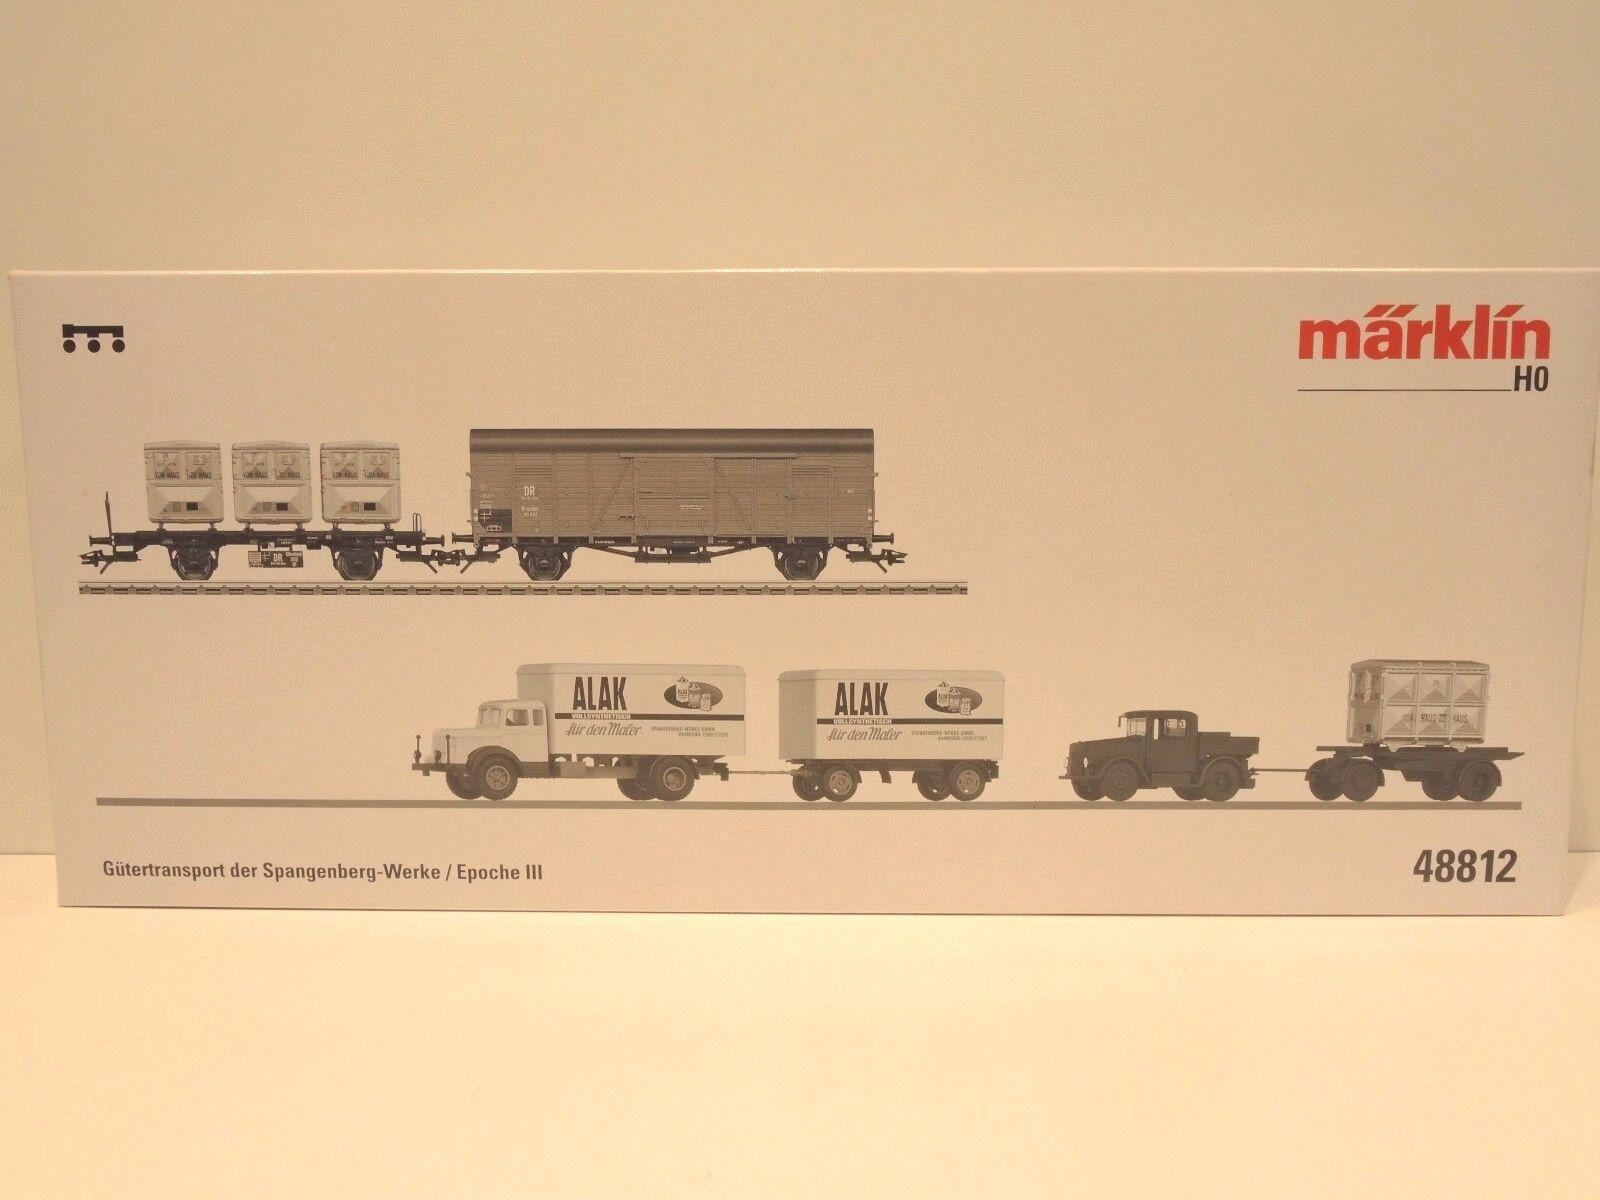 Märklin 48812 transporte de mercancías de la Spangenberg-Werke época III, kkk OVP